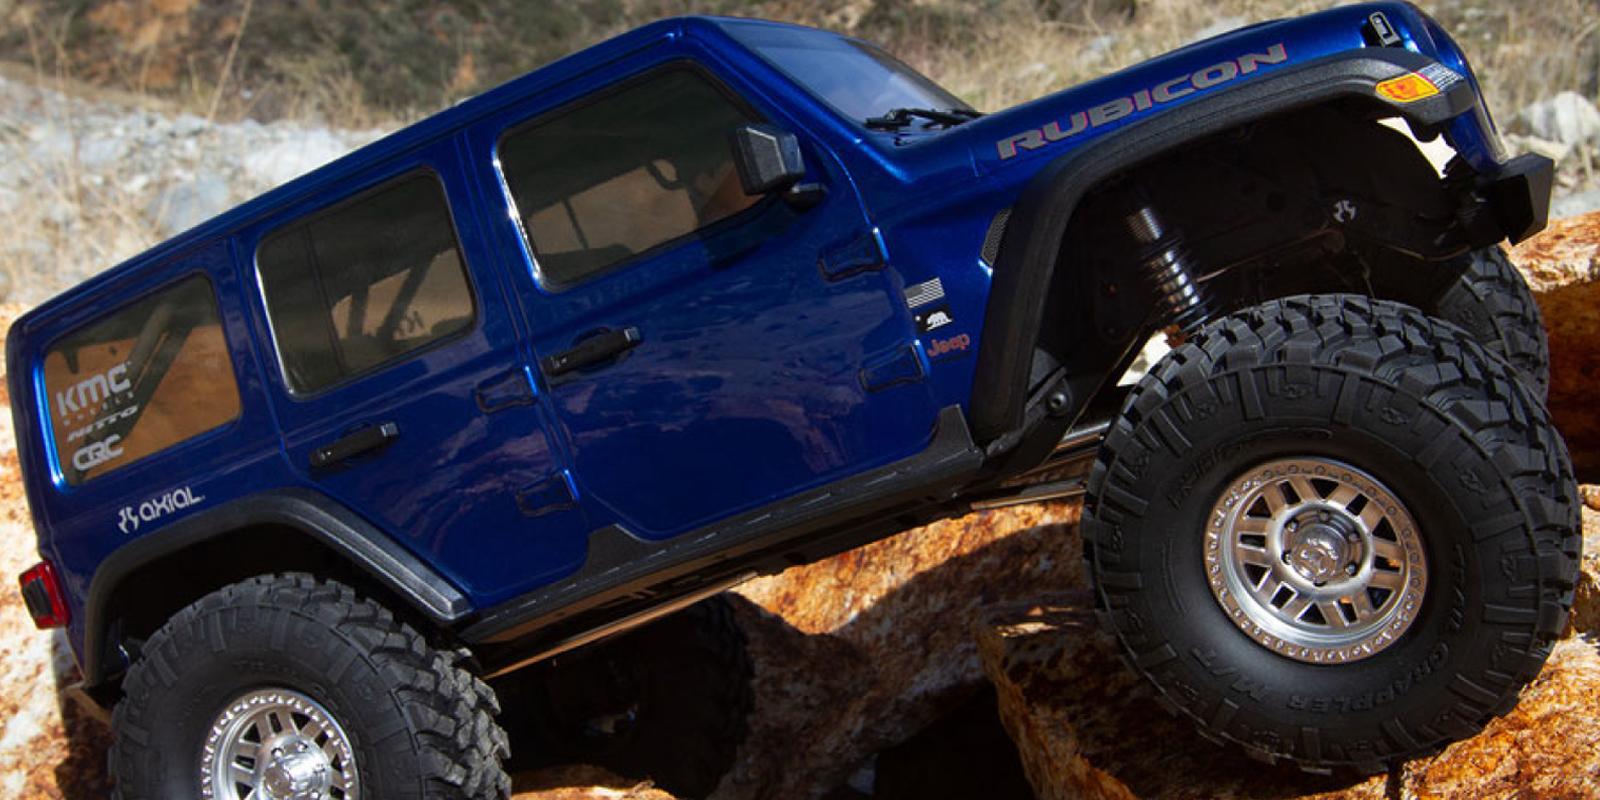 Axial SCX10 III Trail Truck Kit